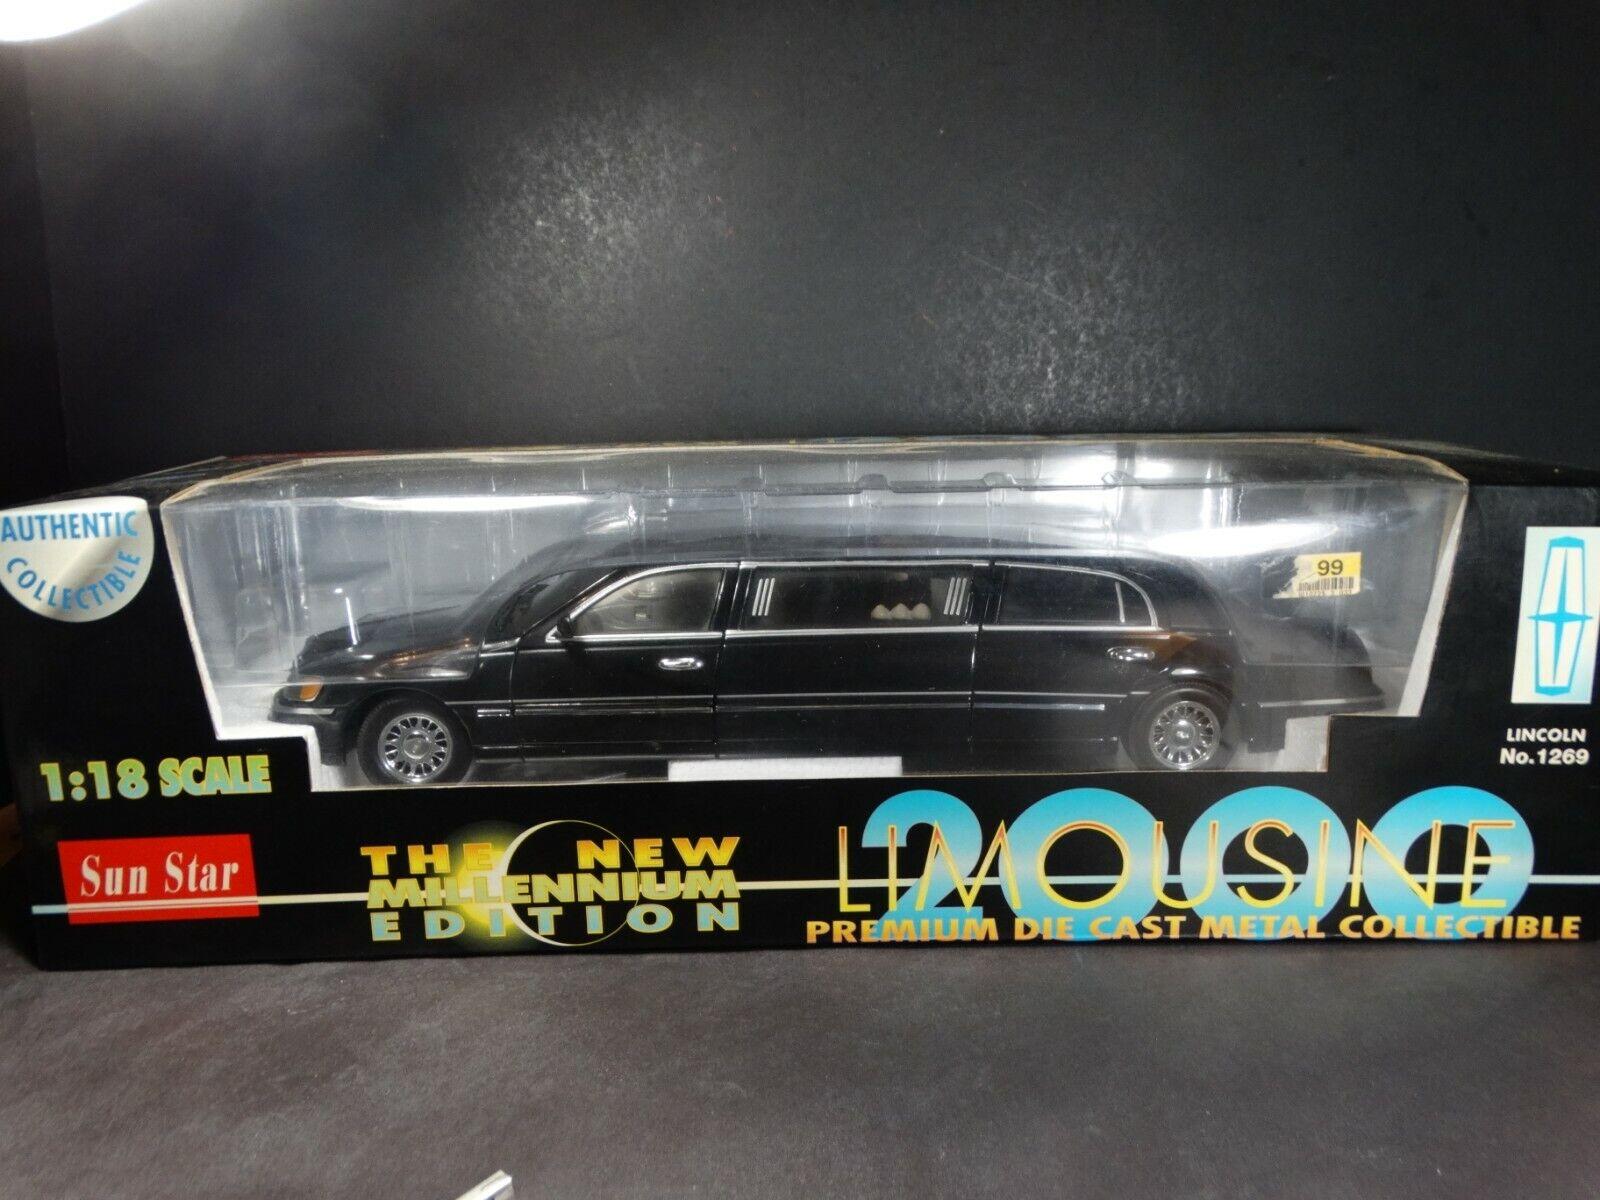 SUN STAR 2000 Lincoln Town Car Limousine 1 18 Scale Diecast modèle Party Limo